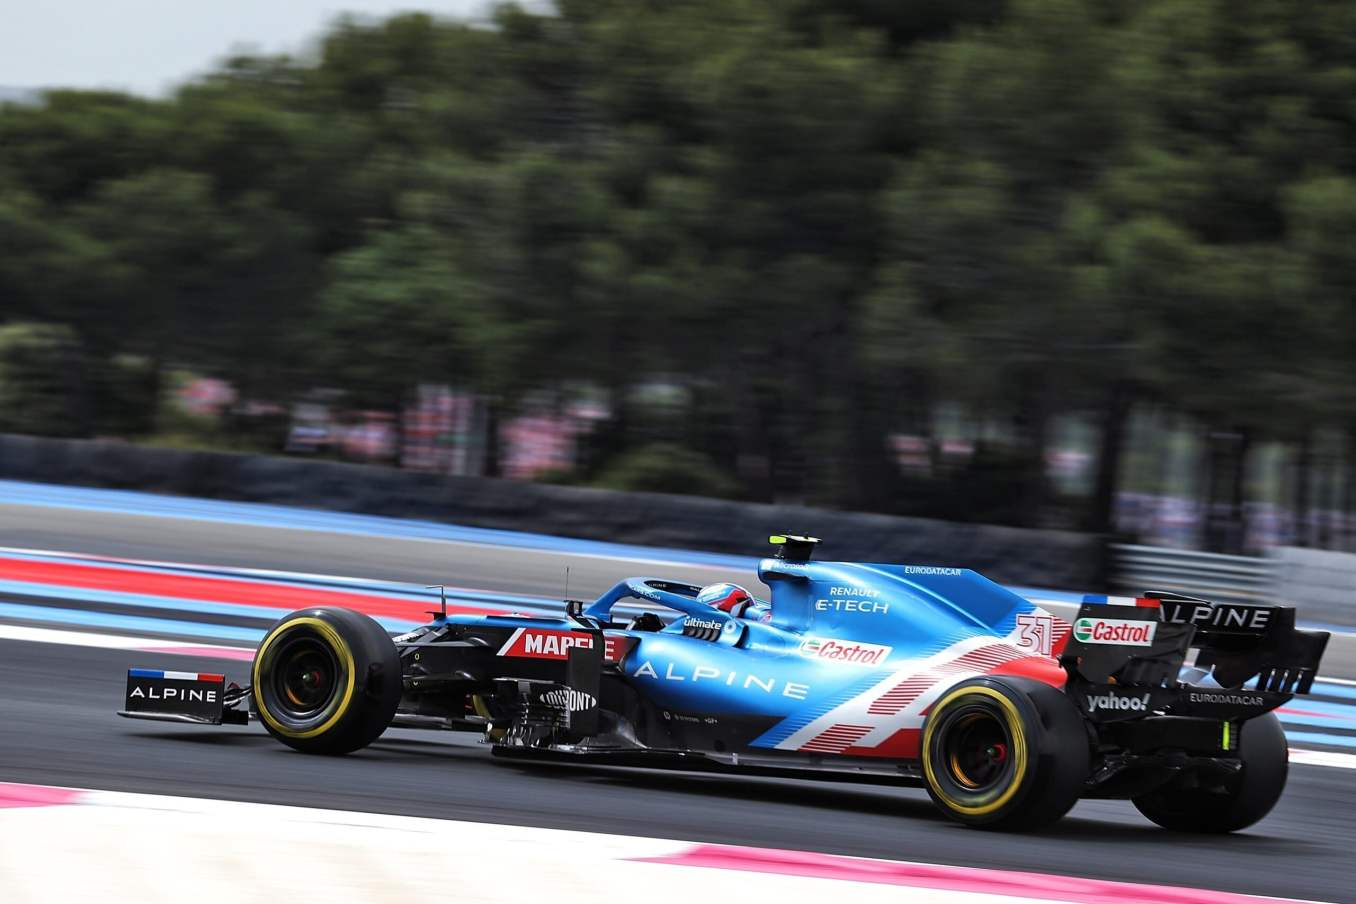 Alpine F1 Alonso Ocon A521 Castellet Paul Ricard 2021 (23)